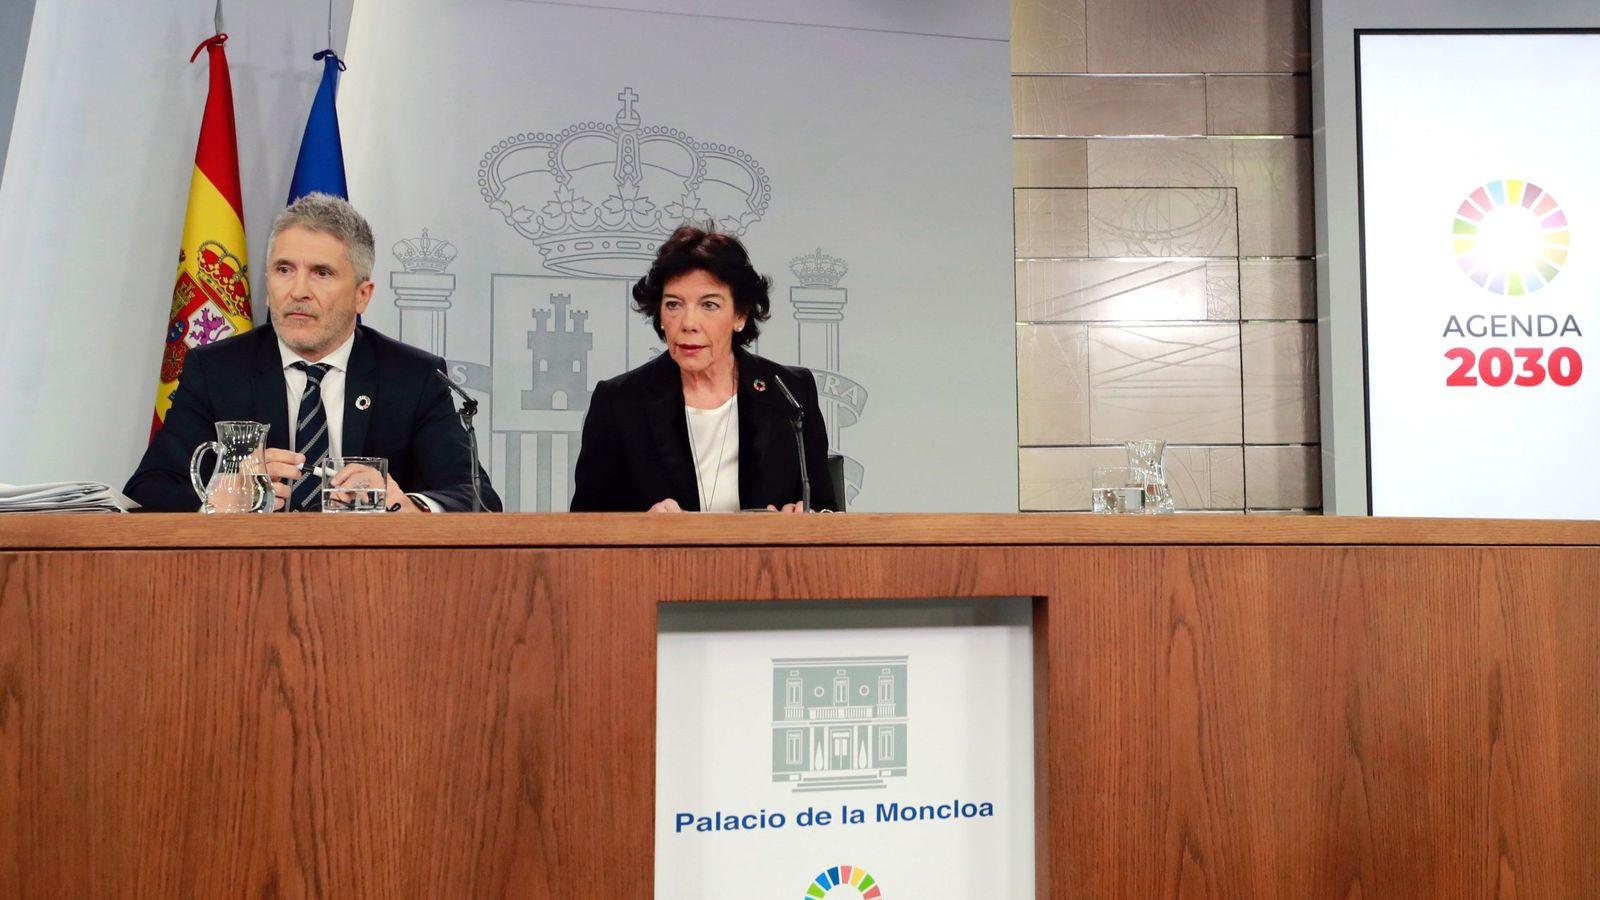 Foto: La portavoz del Gobierno, Isabel Celaá y el ministro del Interior, Fernando Grande- Marlaska, durante la rueda de prensa posterior a la reunión del Consejo de Ministros que ha tenido lugar en La Moncloa. (EFE)